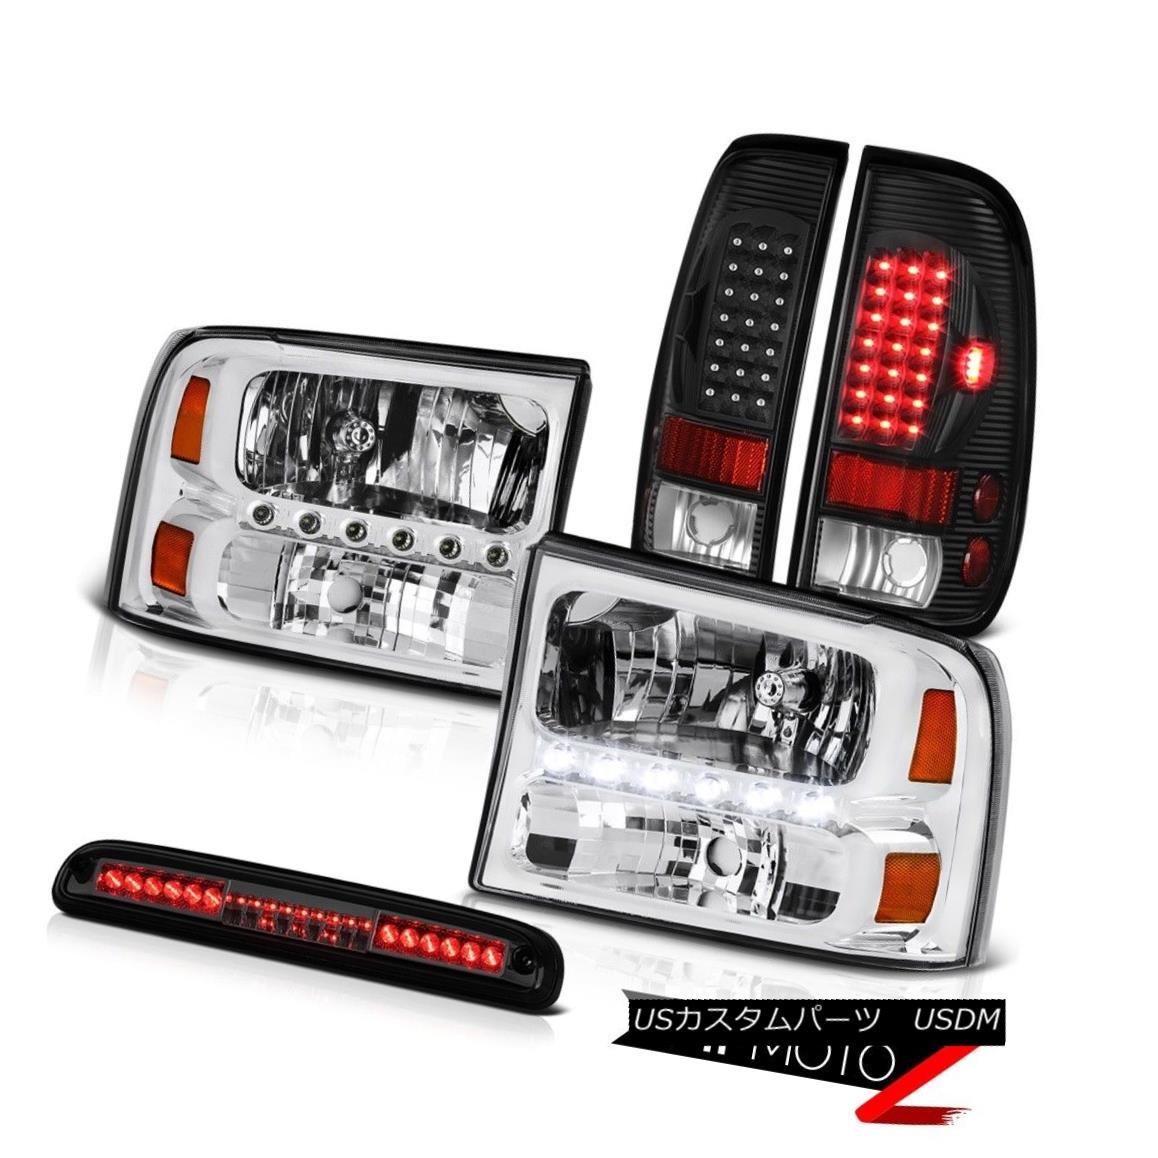 ヘッドライト 99-04 Ford F350 SD Factory Style Headlight Black LED Tail Lamps Tinted 3rd Brake 99-04 Ford F350 SDファクトリースタイルヘッドライトブラックLEDテールランプ第3ブレーキ